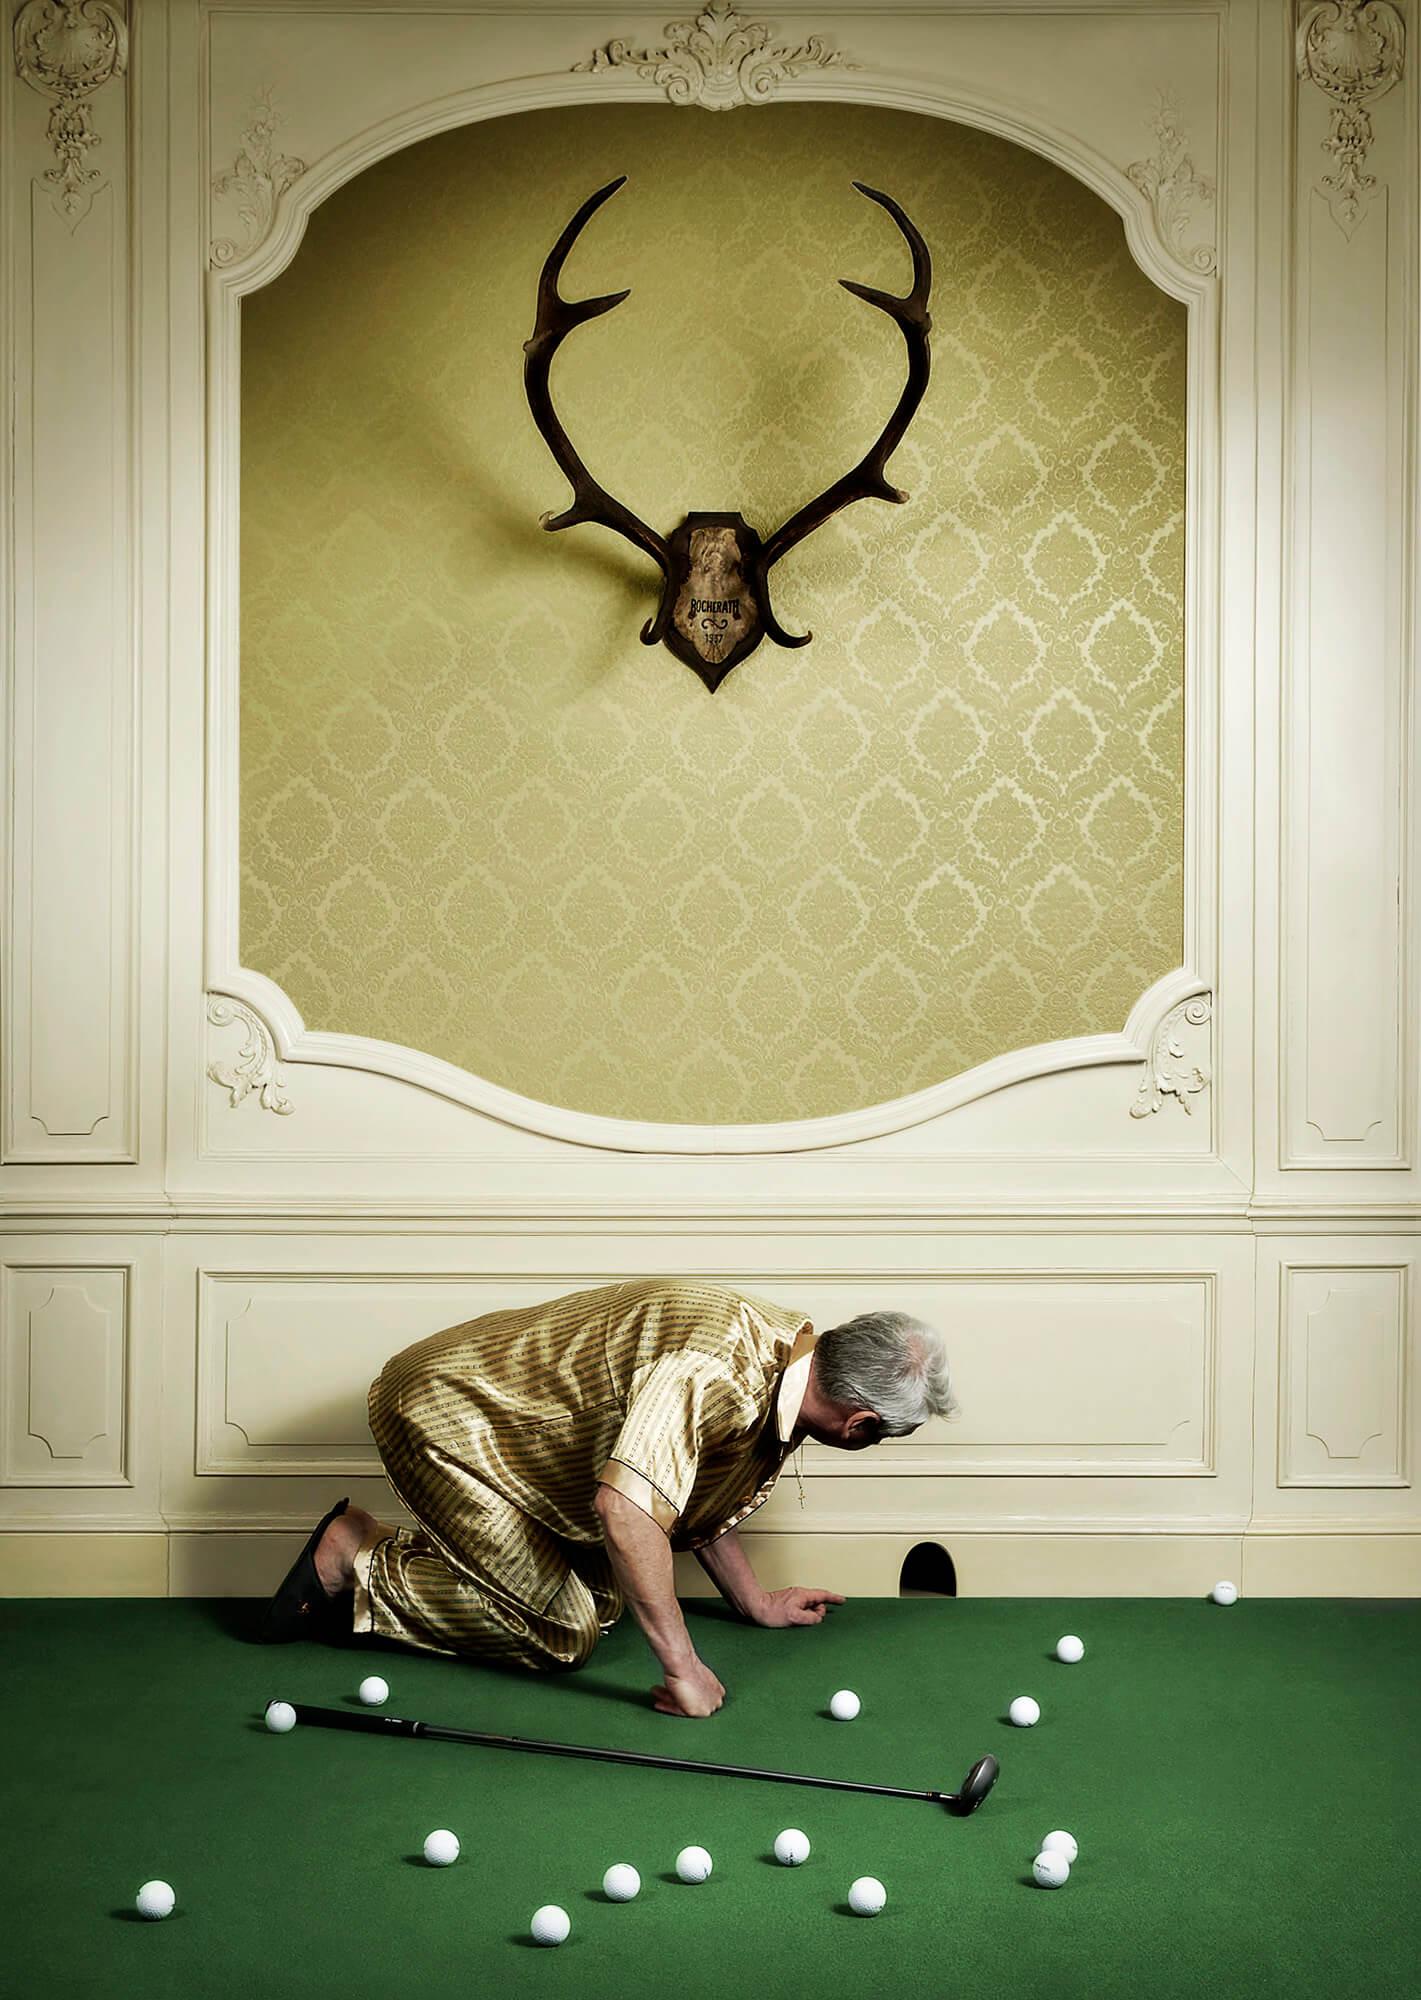 Golf by Geert de Taeye